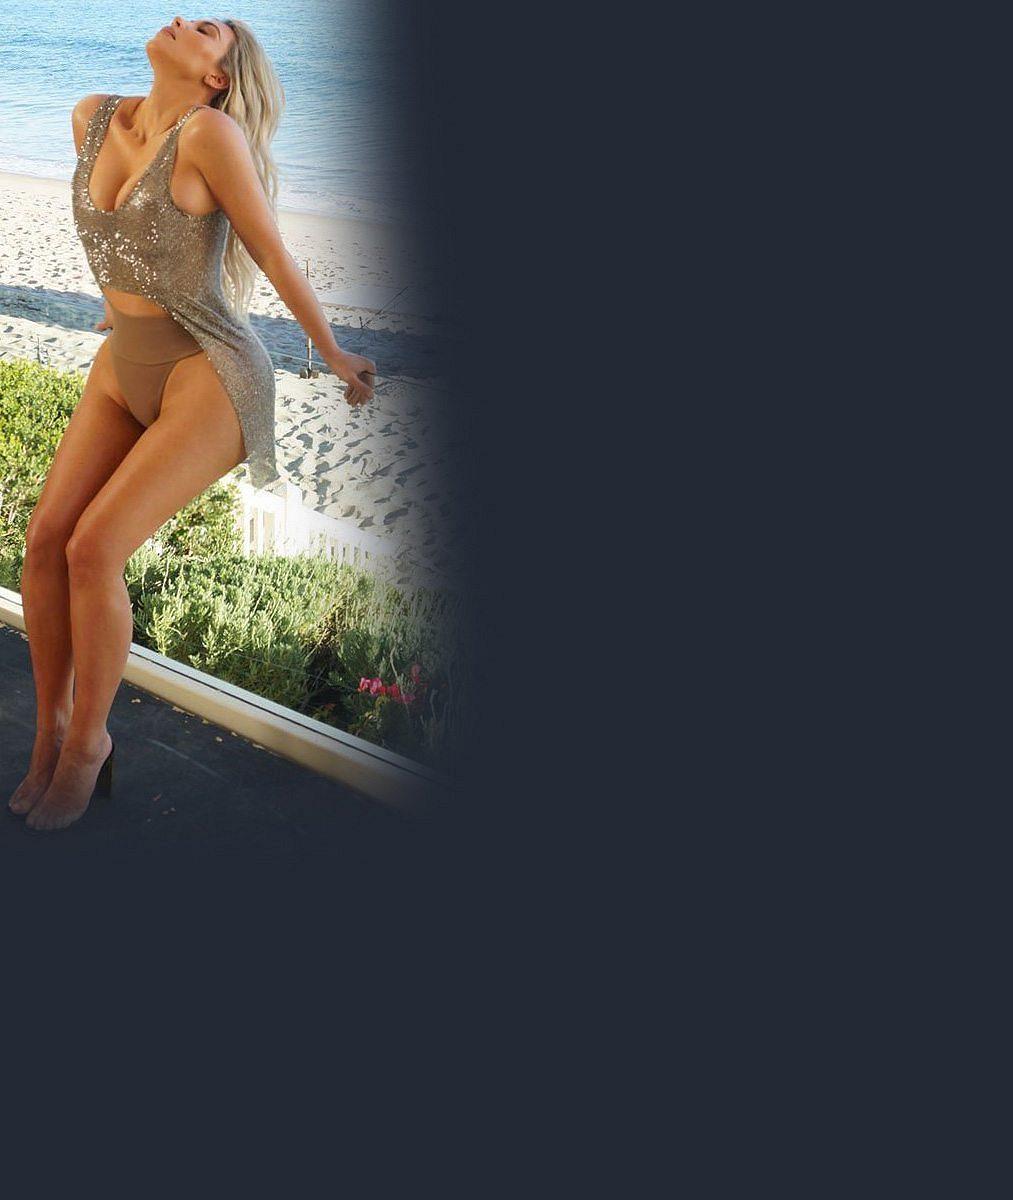 Trojnásobná maminka Kim Kardashian vystavila své pověstné křivky ve dvoudílných plavkách